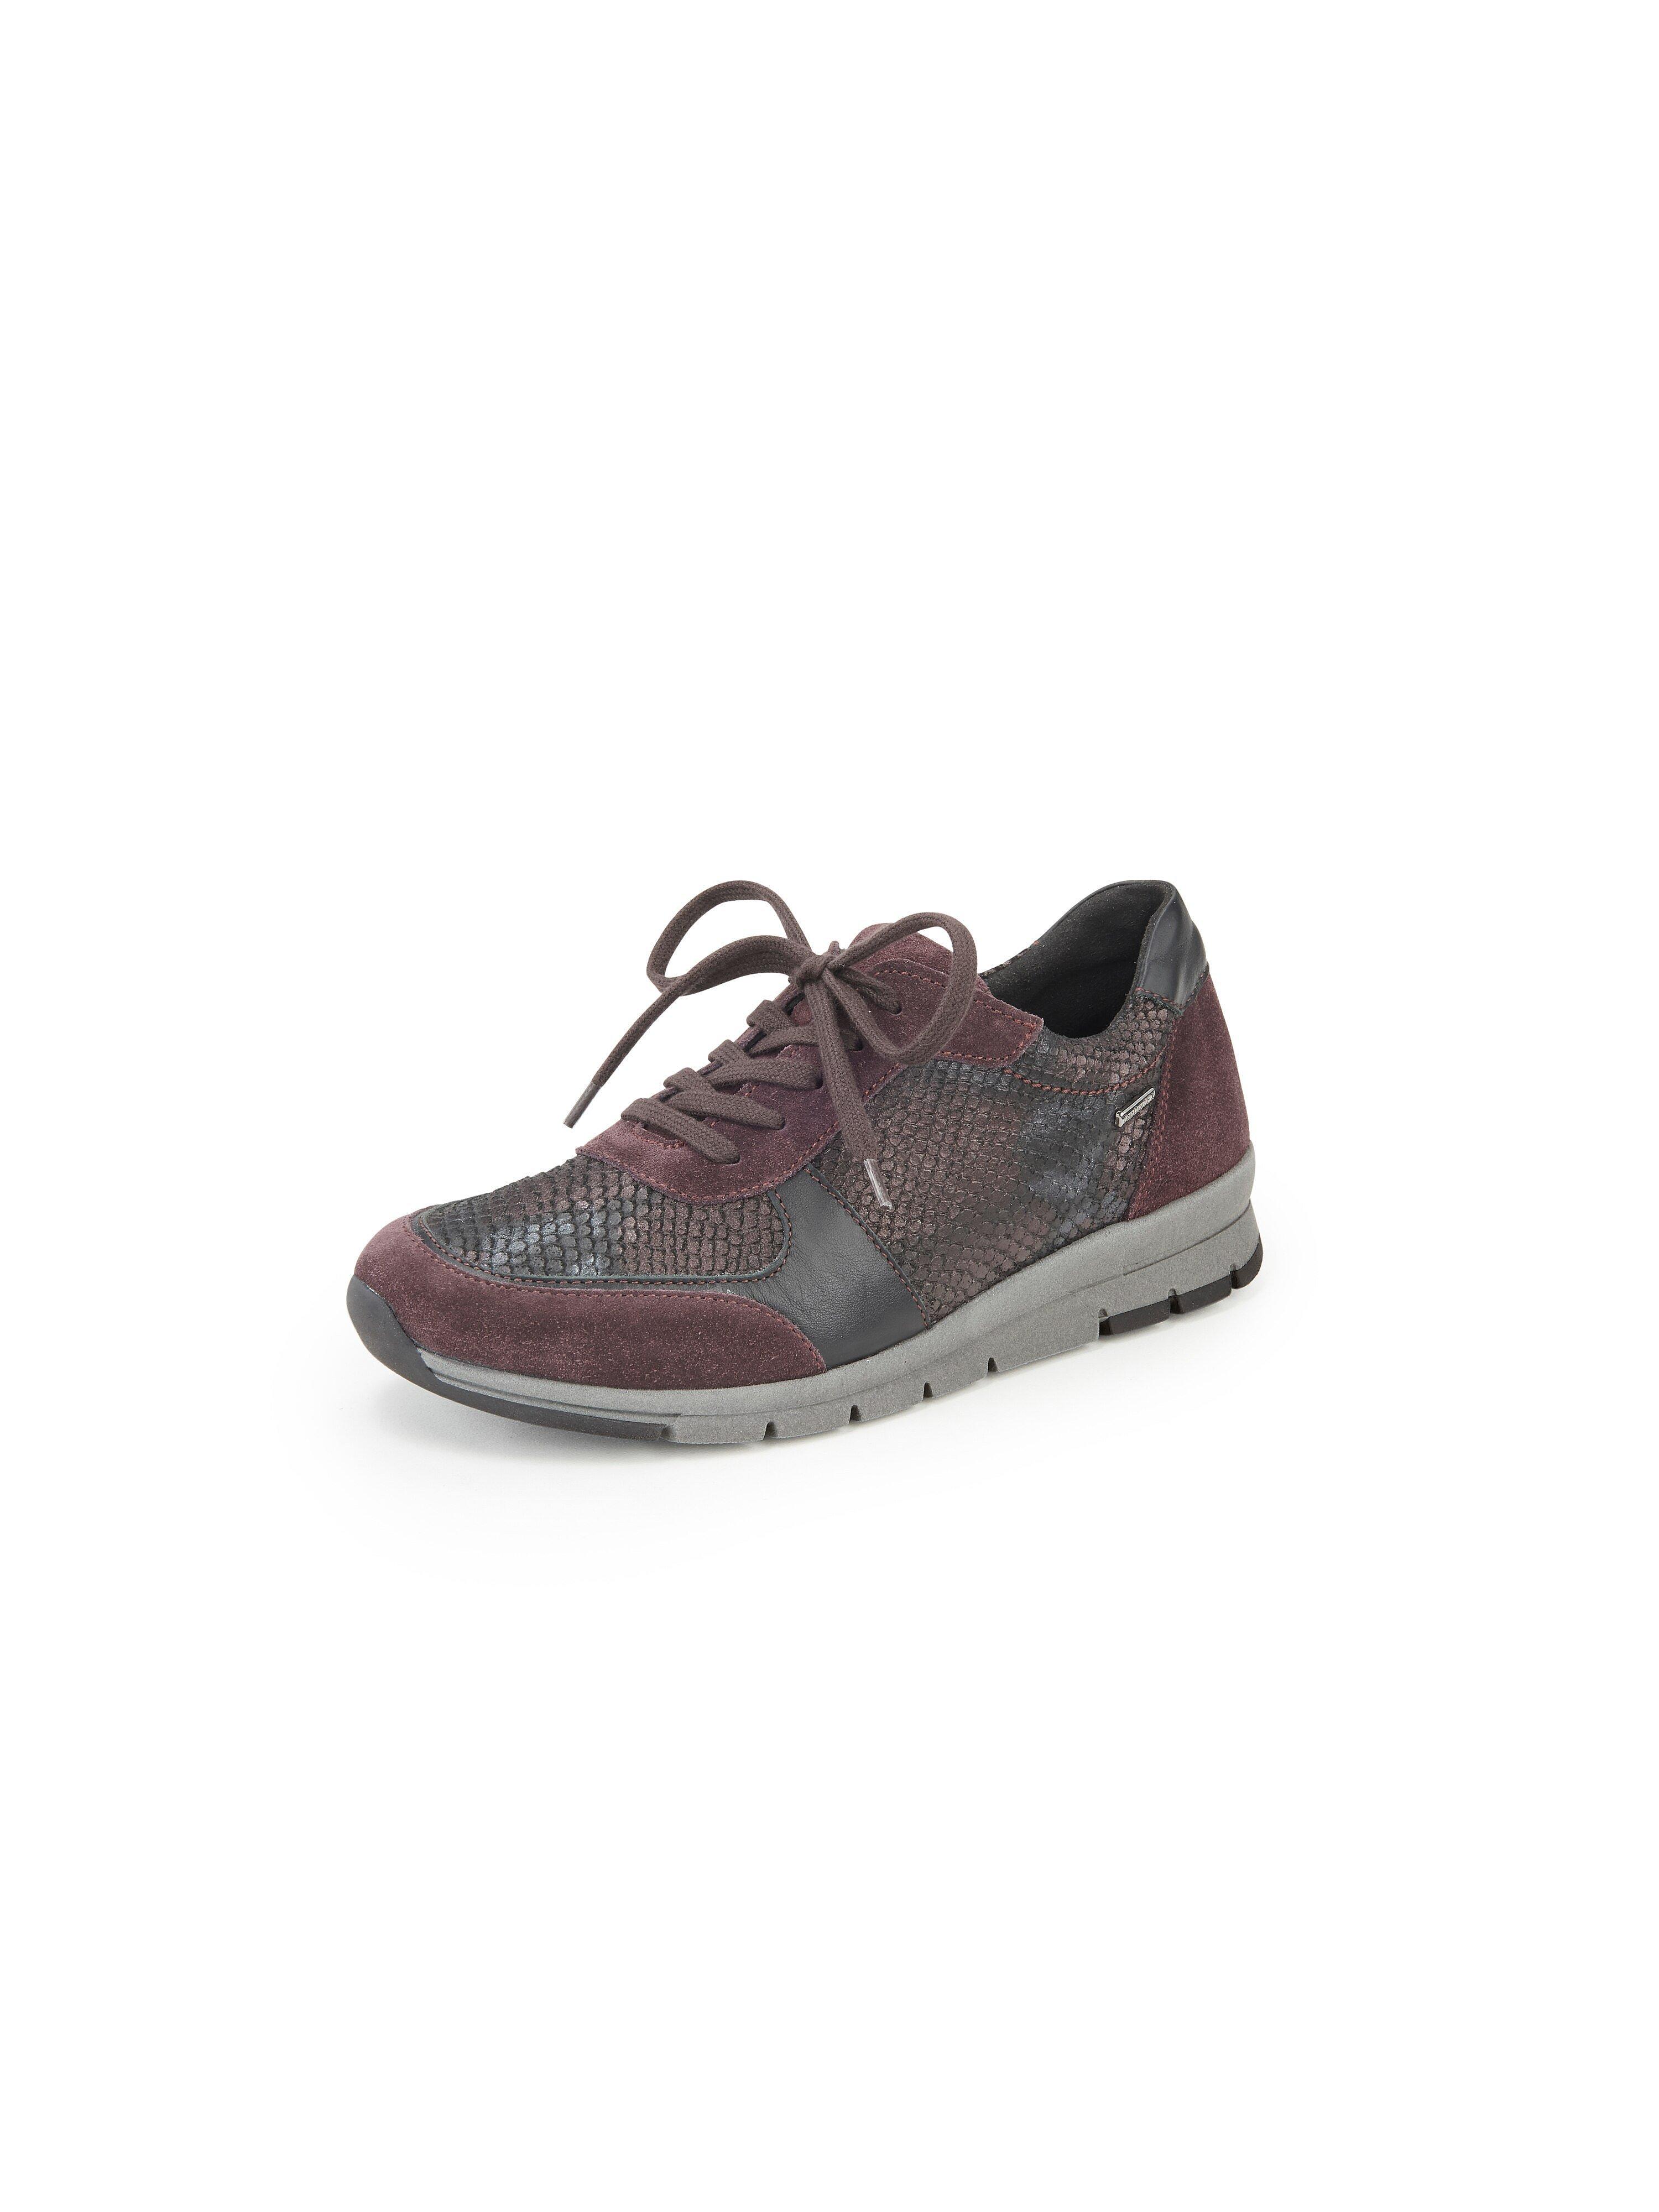 Sneakers model Tabea Van Romika rood